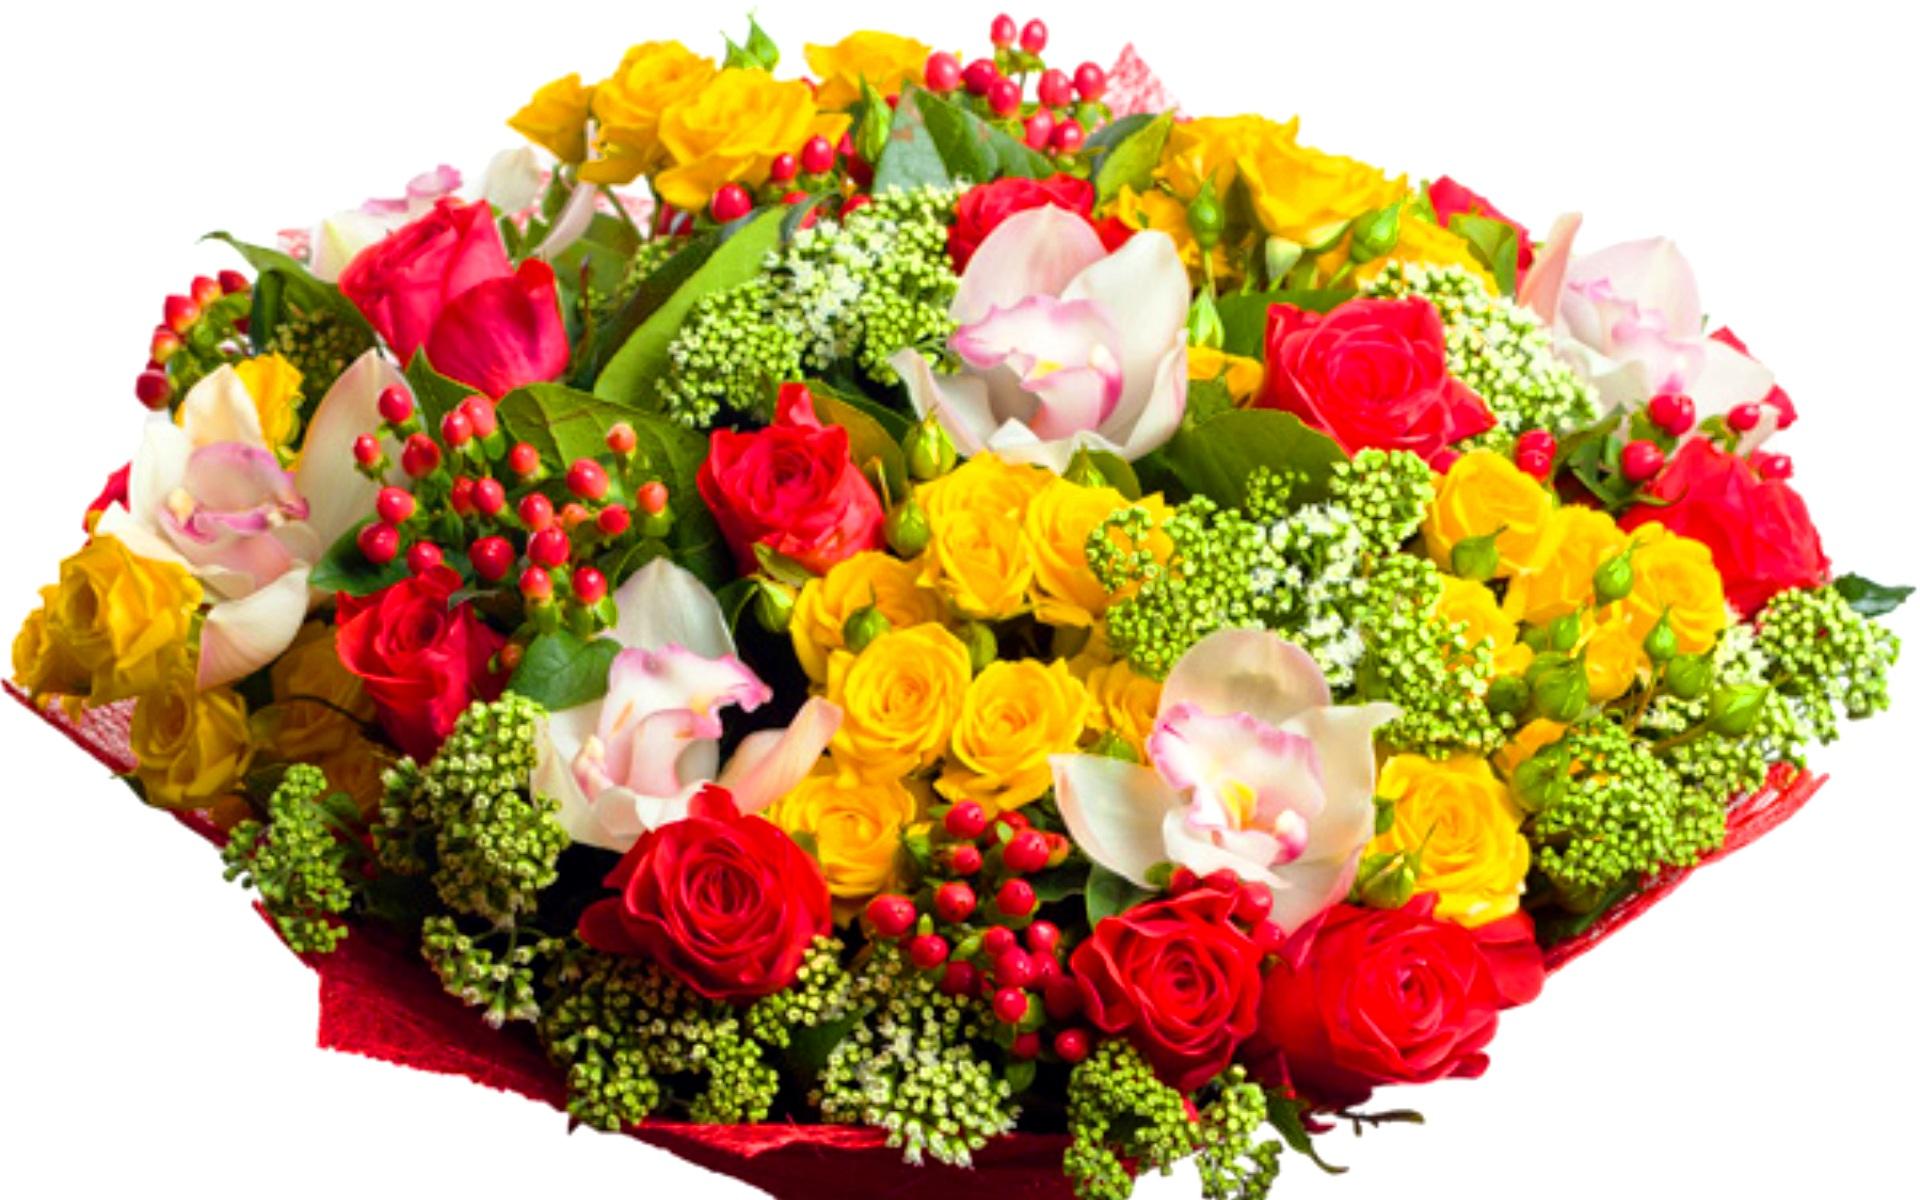 Цветы купить в Киеве заказать цветы доставка оптовая